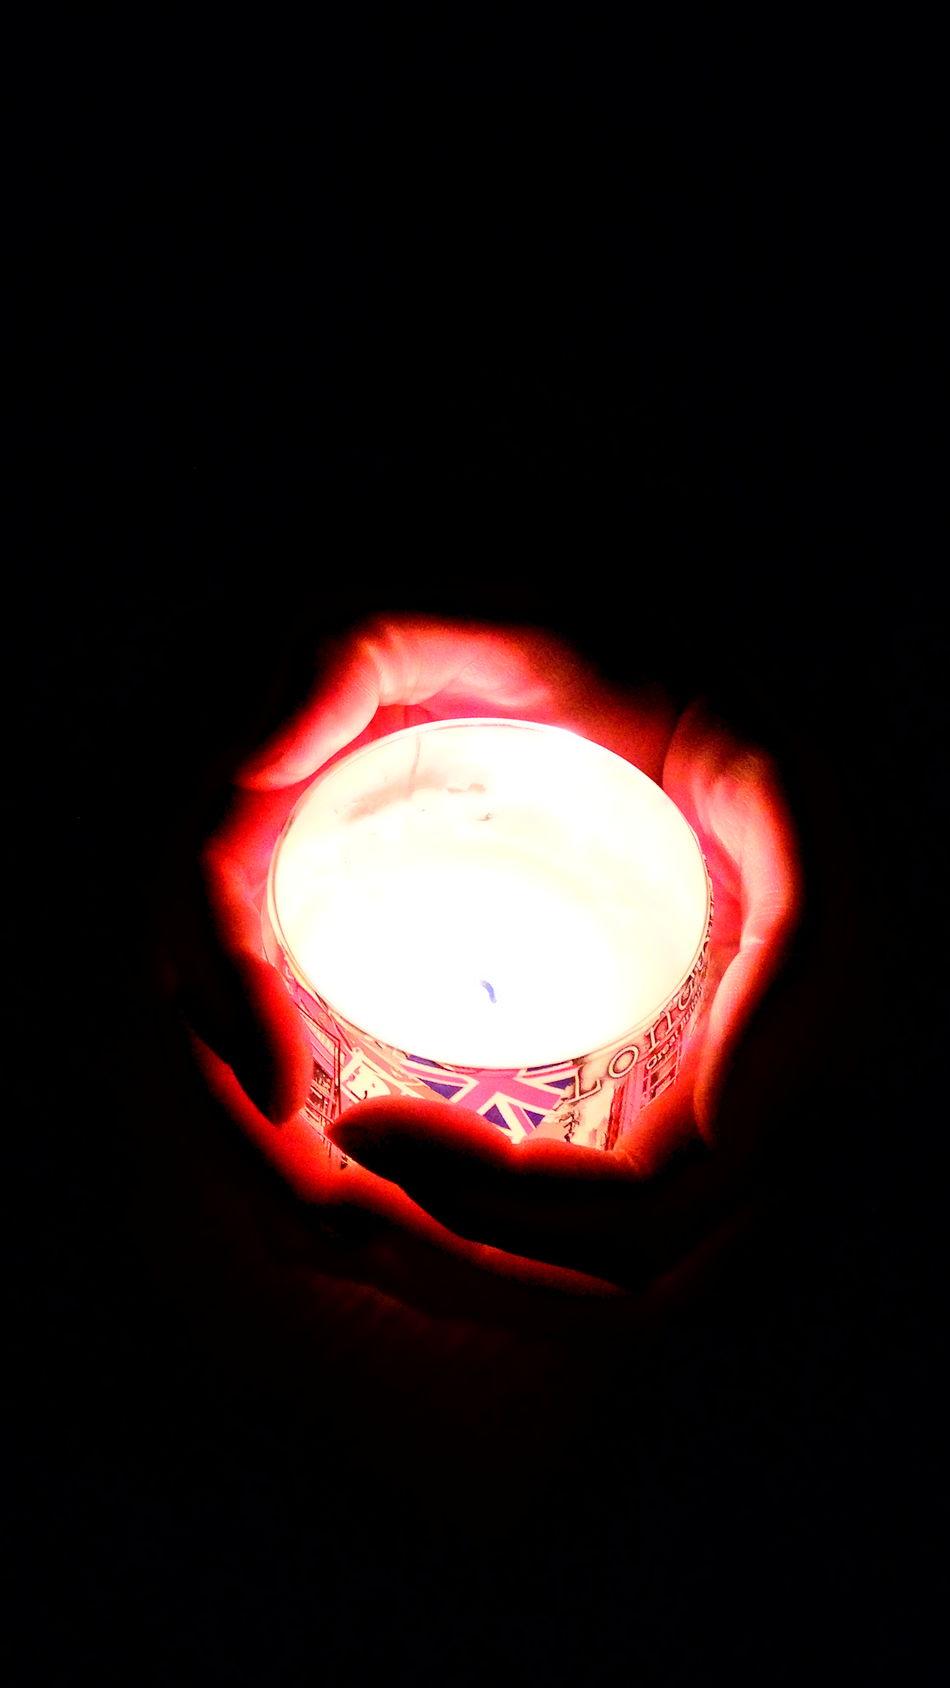 свеча свечи свет Светильник огонь огни Fire Fire And Flames